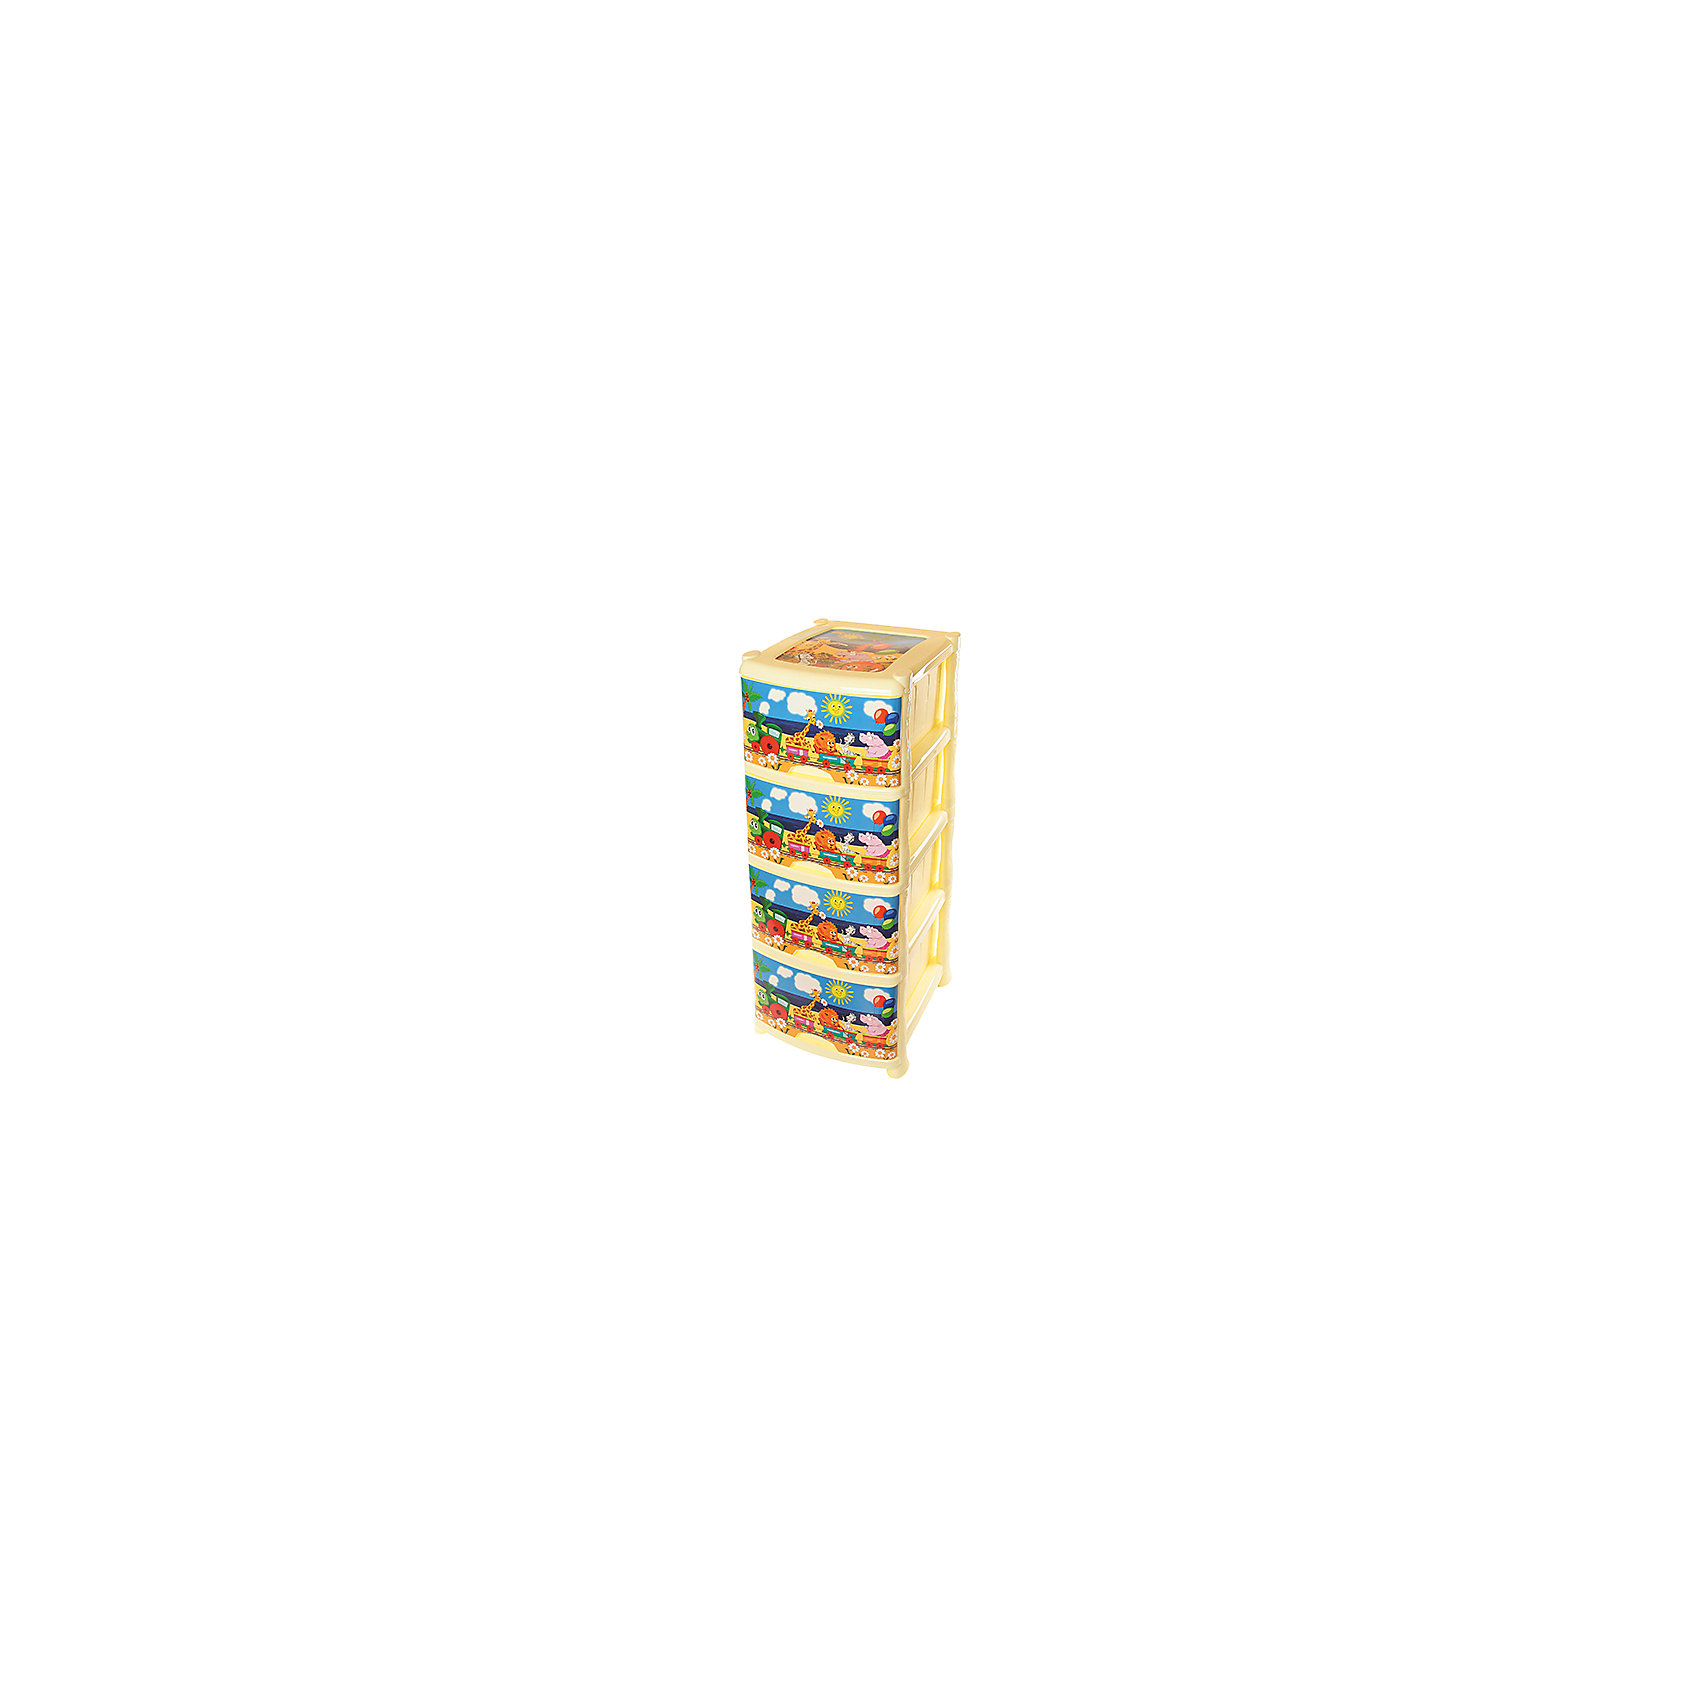 Комод 4-х секционный декор 40*47*94 см.Паровозик, VioletМебель<br>Характеристики товара:<br><br>• цвет: мульти<br>• материал: полипропилен<br>• размер: 94 х 47 х 40 см<br>• вес: 4400 г<br>• с 4 выдвижными ящиками<br>• декорирован принтом<br>• из экологически чистого пластика<br>• удобный<br>• защита от пыли<br>• вместительный<br>• универсальный размер<br>• страна бренда: Российская Федерация<br>• страна производства: Российская Федерация<br><br>Этот комод - отличный пример красивой и функциональной вещи для любого интерьера. В нем удобной хранить различные мелочи, благодаря универсальному дизайну и расцветке он хорошо будет смотреться в помещении. Отлично подходит для ванных комнат. Поставляется в разобранном виде.<br><br>Комод для хранения может стать отличным приобретением для дома или подарком для любителей красивых оригинальных вещей.<br><br>Бренд Violet - это красивые и практичные товары для дома с современным дизайном. Они добавляют в жильё уюта и комфорта! <br><br>Комод 4-х секционный 40*47*94 см.Паровозик, Violet, можно купить в нашем интернет-магазине.<br><br>Ширина мм: 480<br>Глубина мм: 410<br>Высота мм: 410<br>Вес г: 4470<br>Возраст от месяцев: 0<br>Возраст до месяцев: 1188<br>Пол: Унисекс<br>Возраст: Детский<br>SKU: 6668835